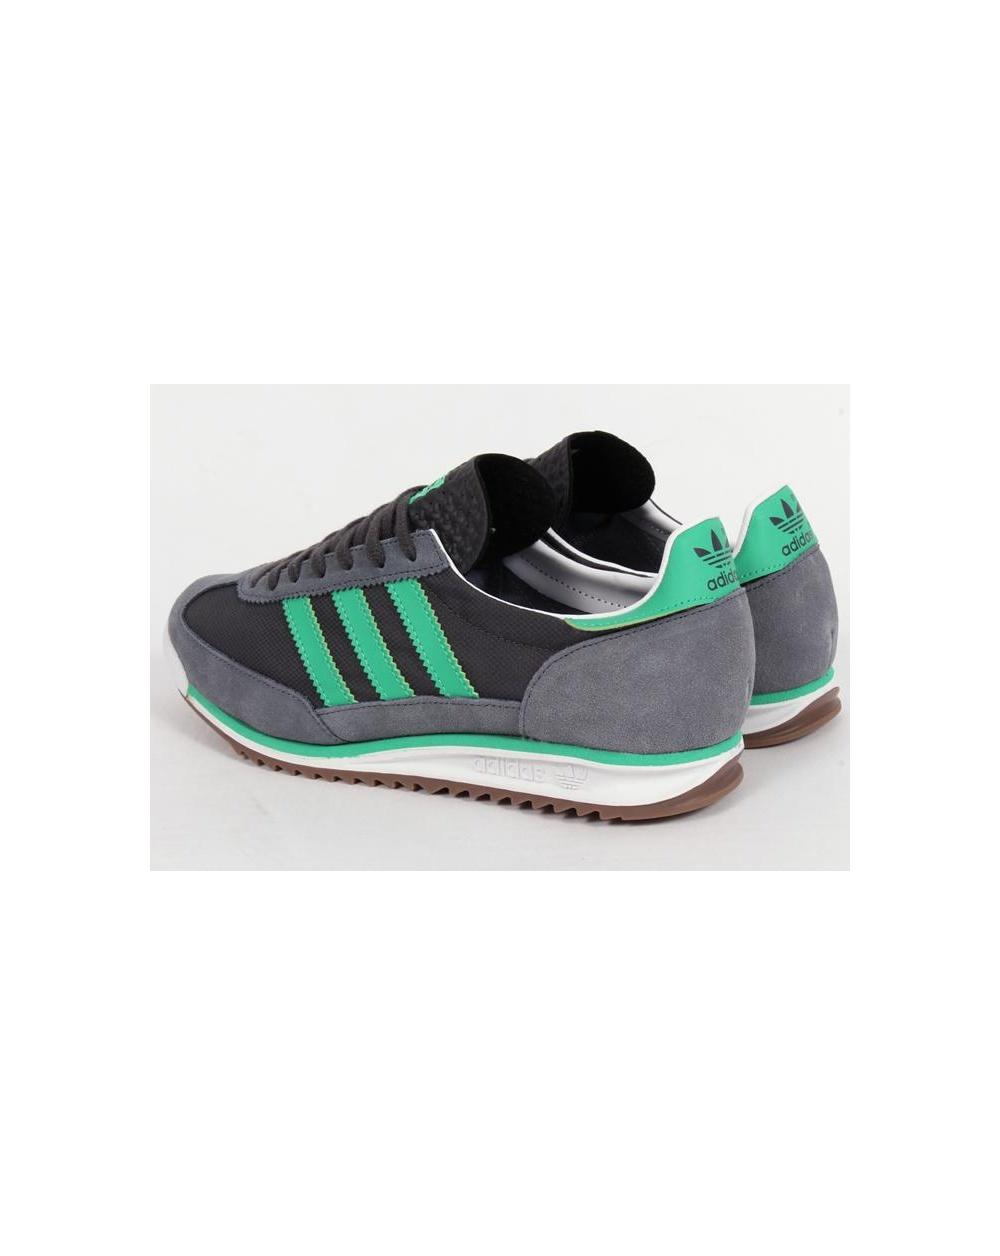 Adidas Sl 72 Trainers Onix Grey/surf Green